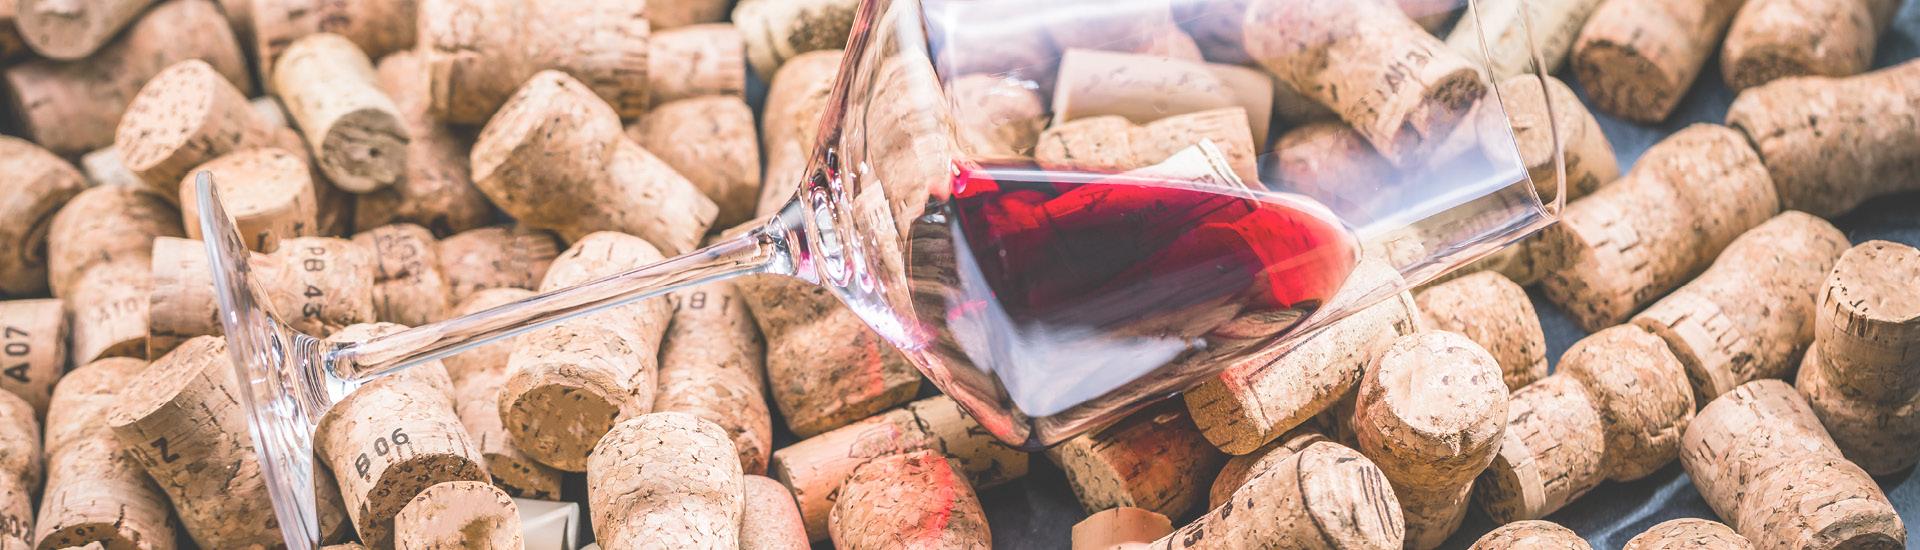 Weine - Edelrebsorte Pinot Noir bis -20% 09/2018 - Slider